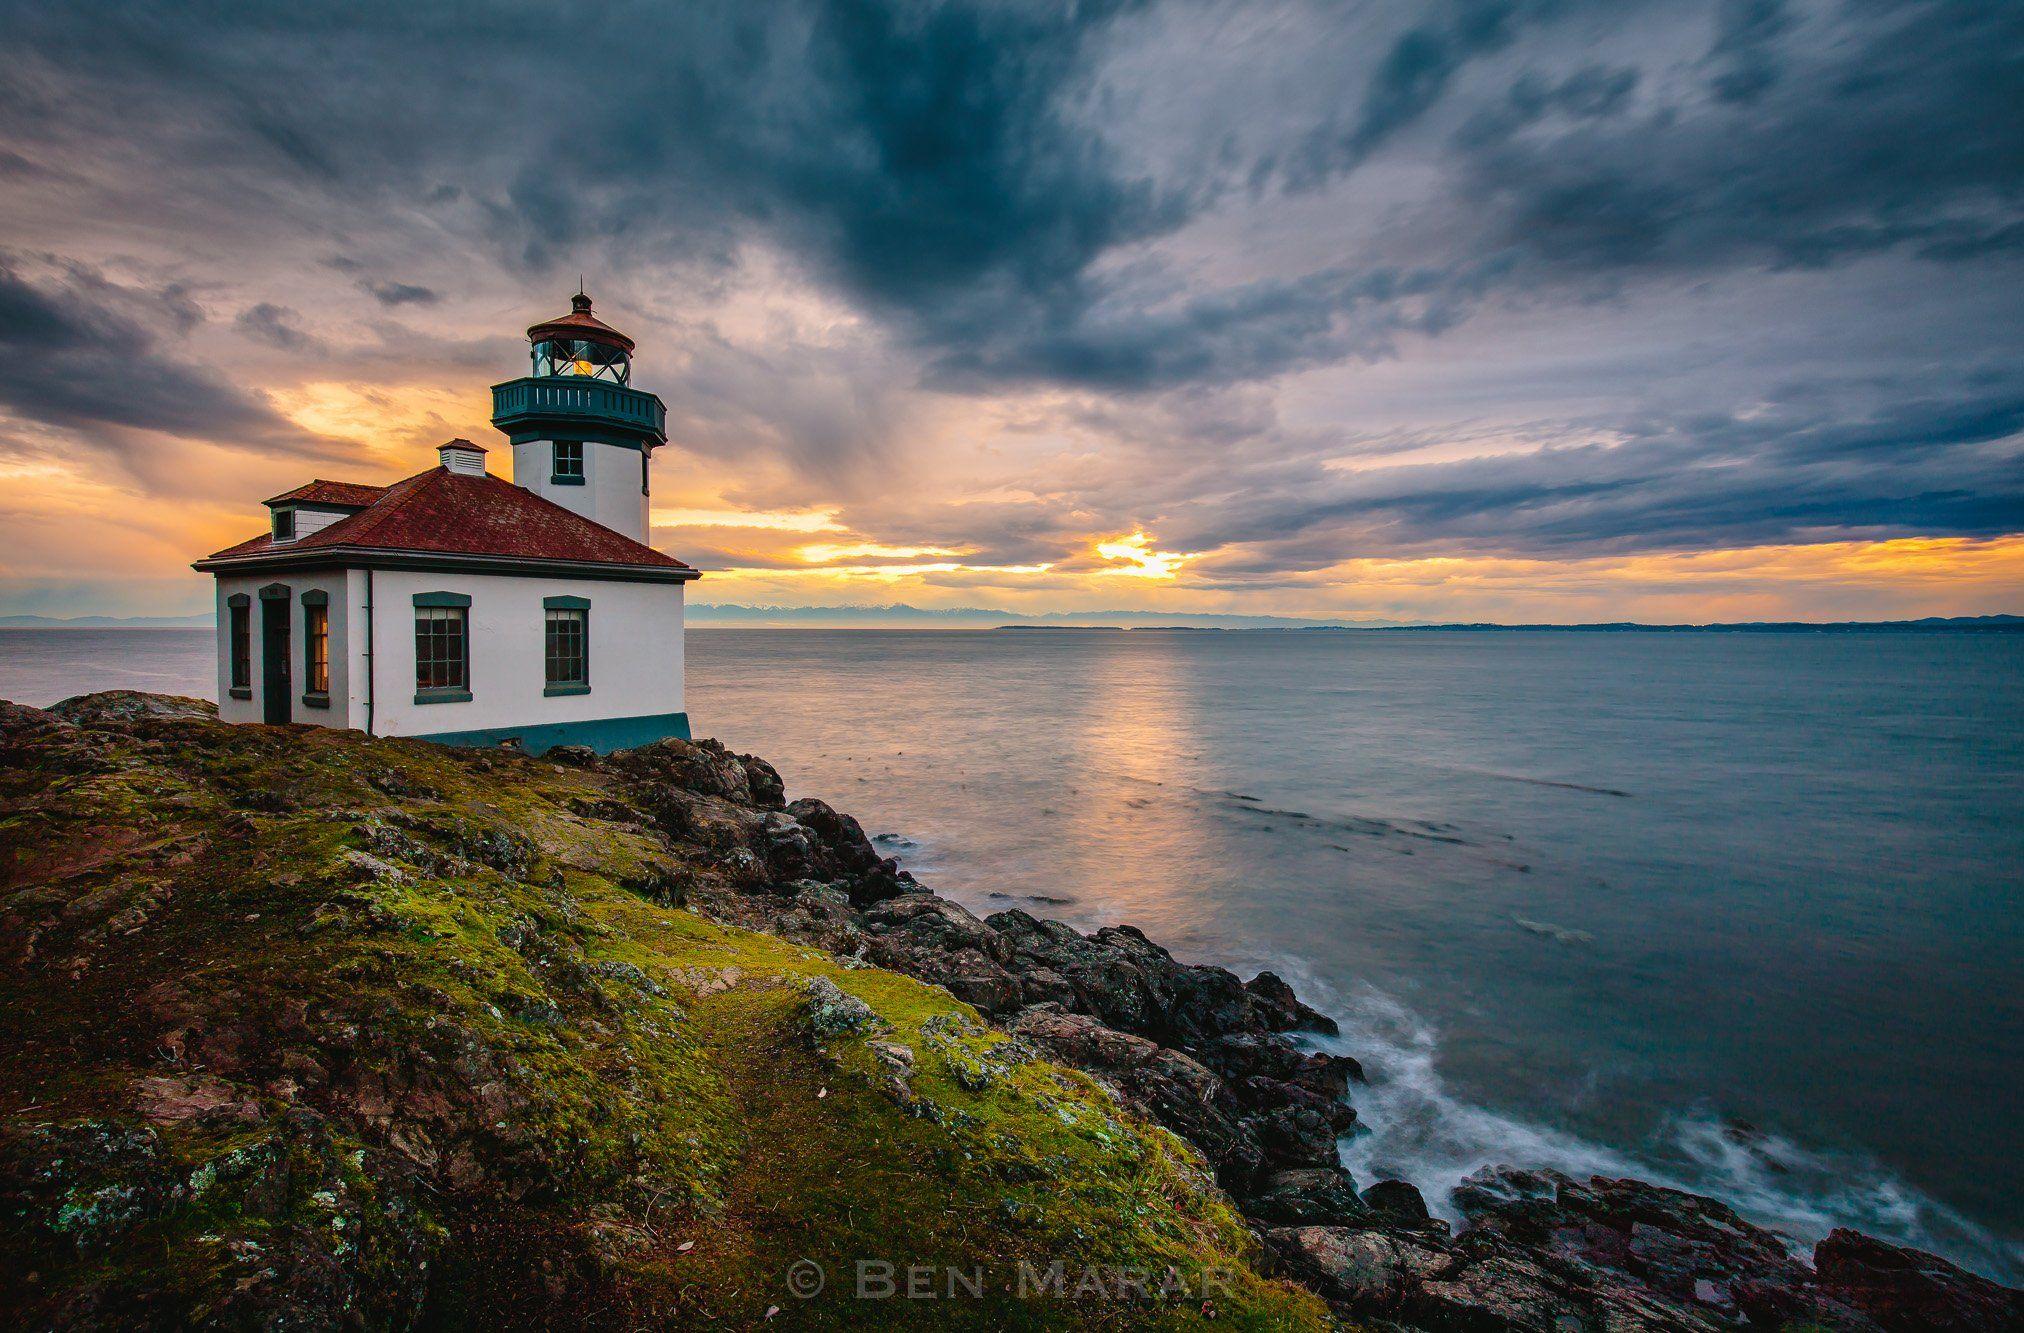 landscape, ocean, pacific, washington, canon, lighthouse, Ben Marar